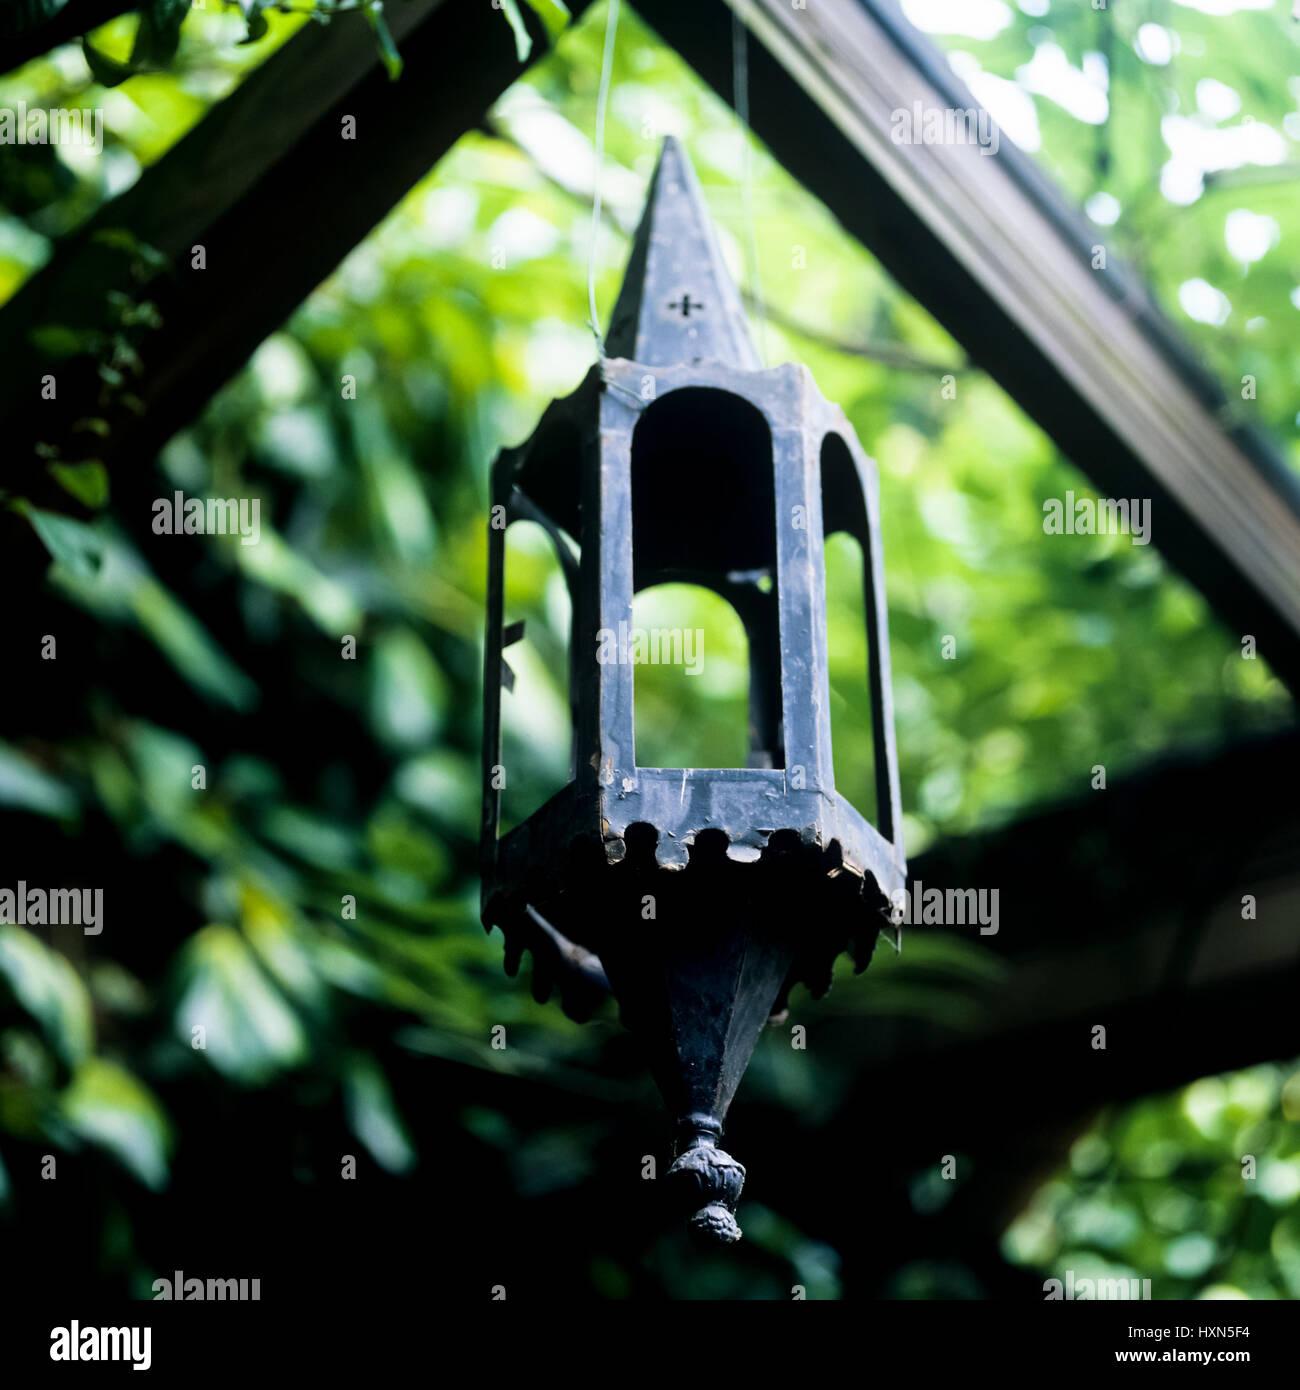 Metal lantern in garden. - Stock Image